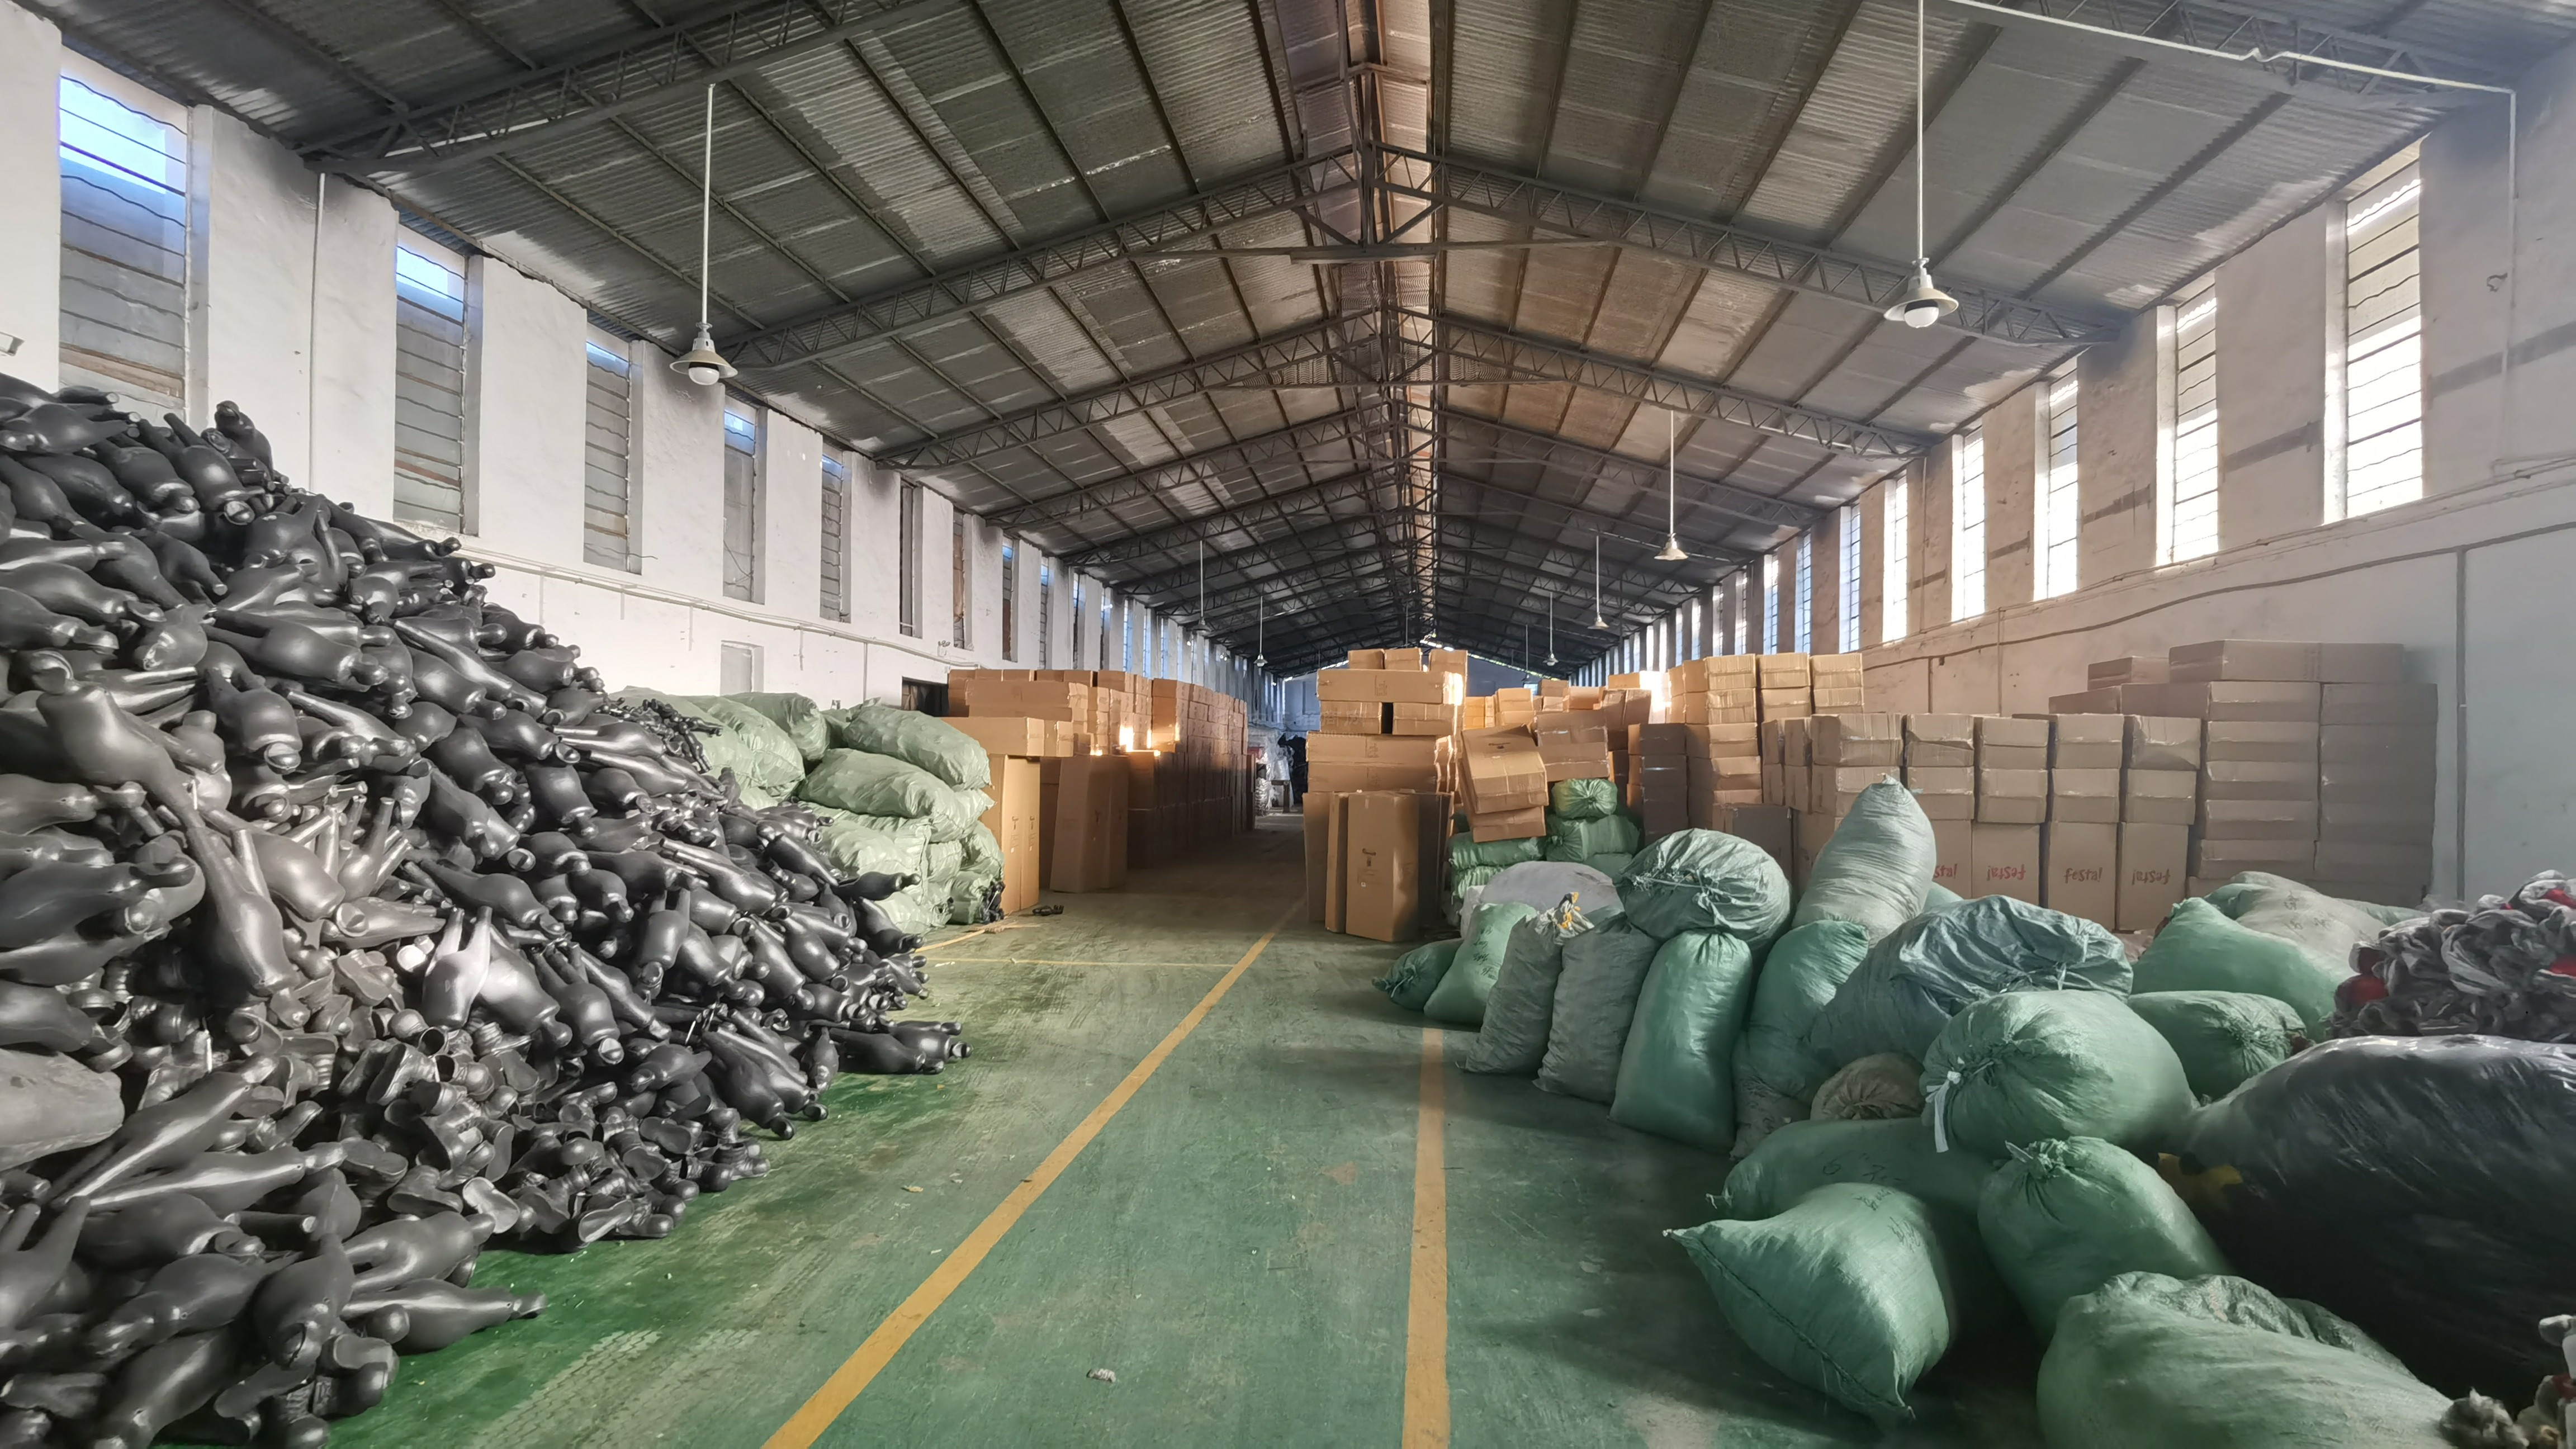 坪山坑梓秀新新出980平米钢构厂房出租适合物流仓库等行业